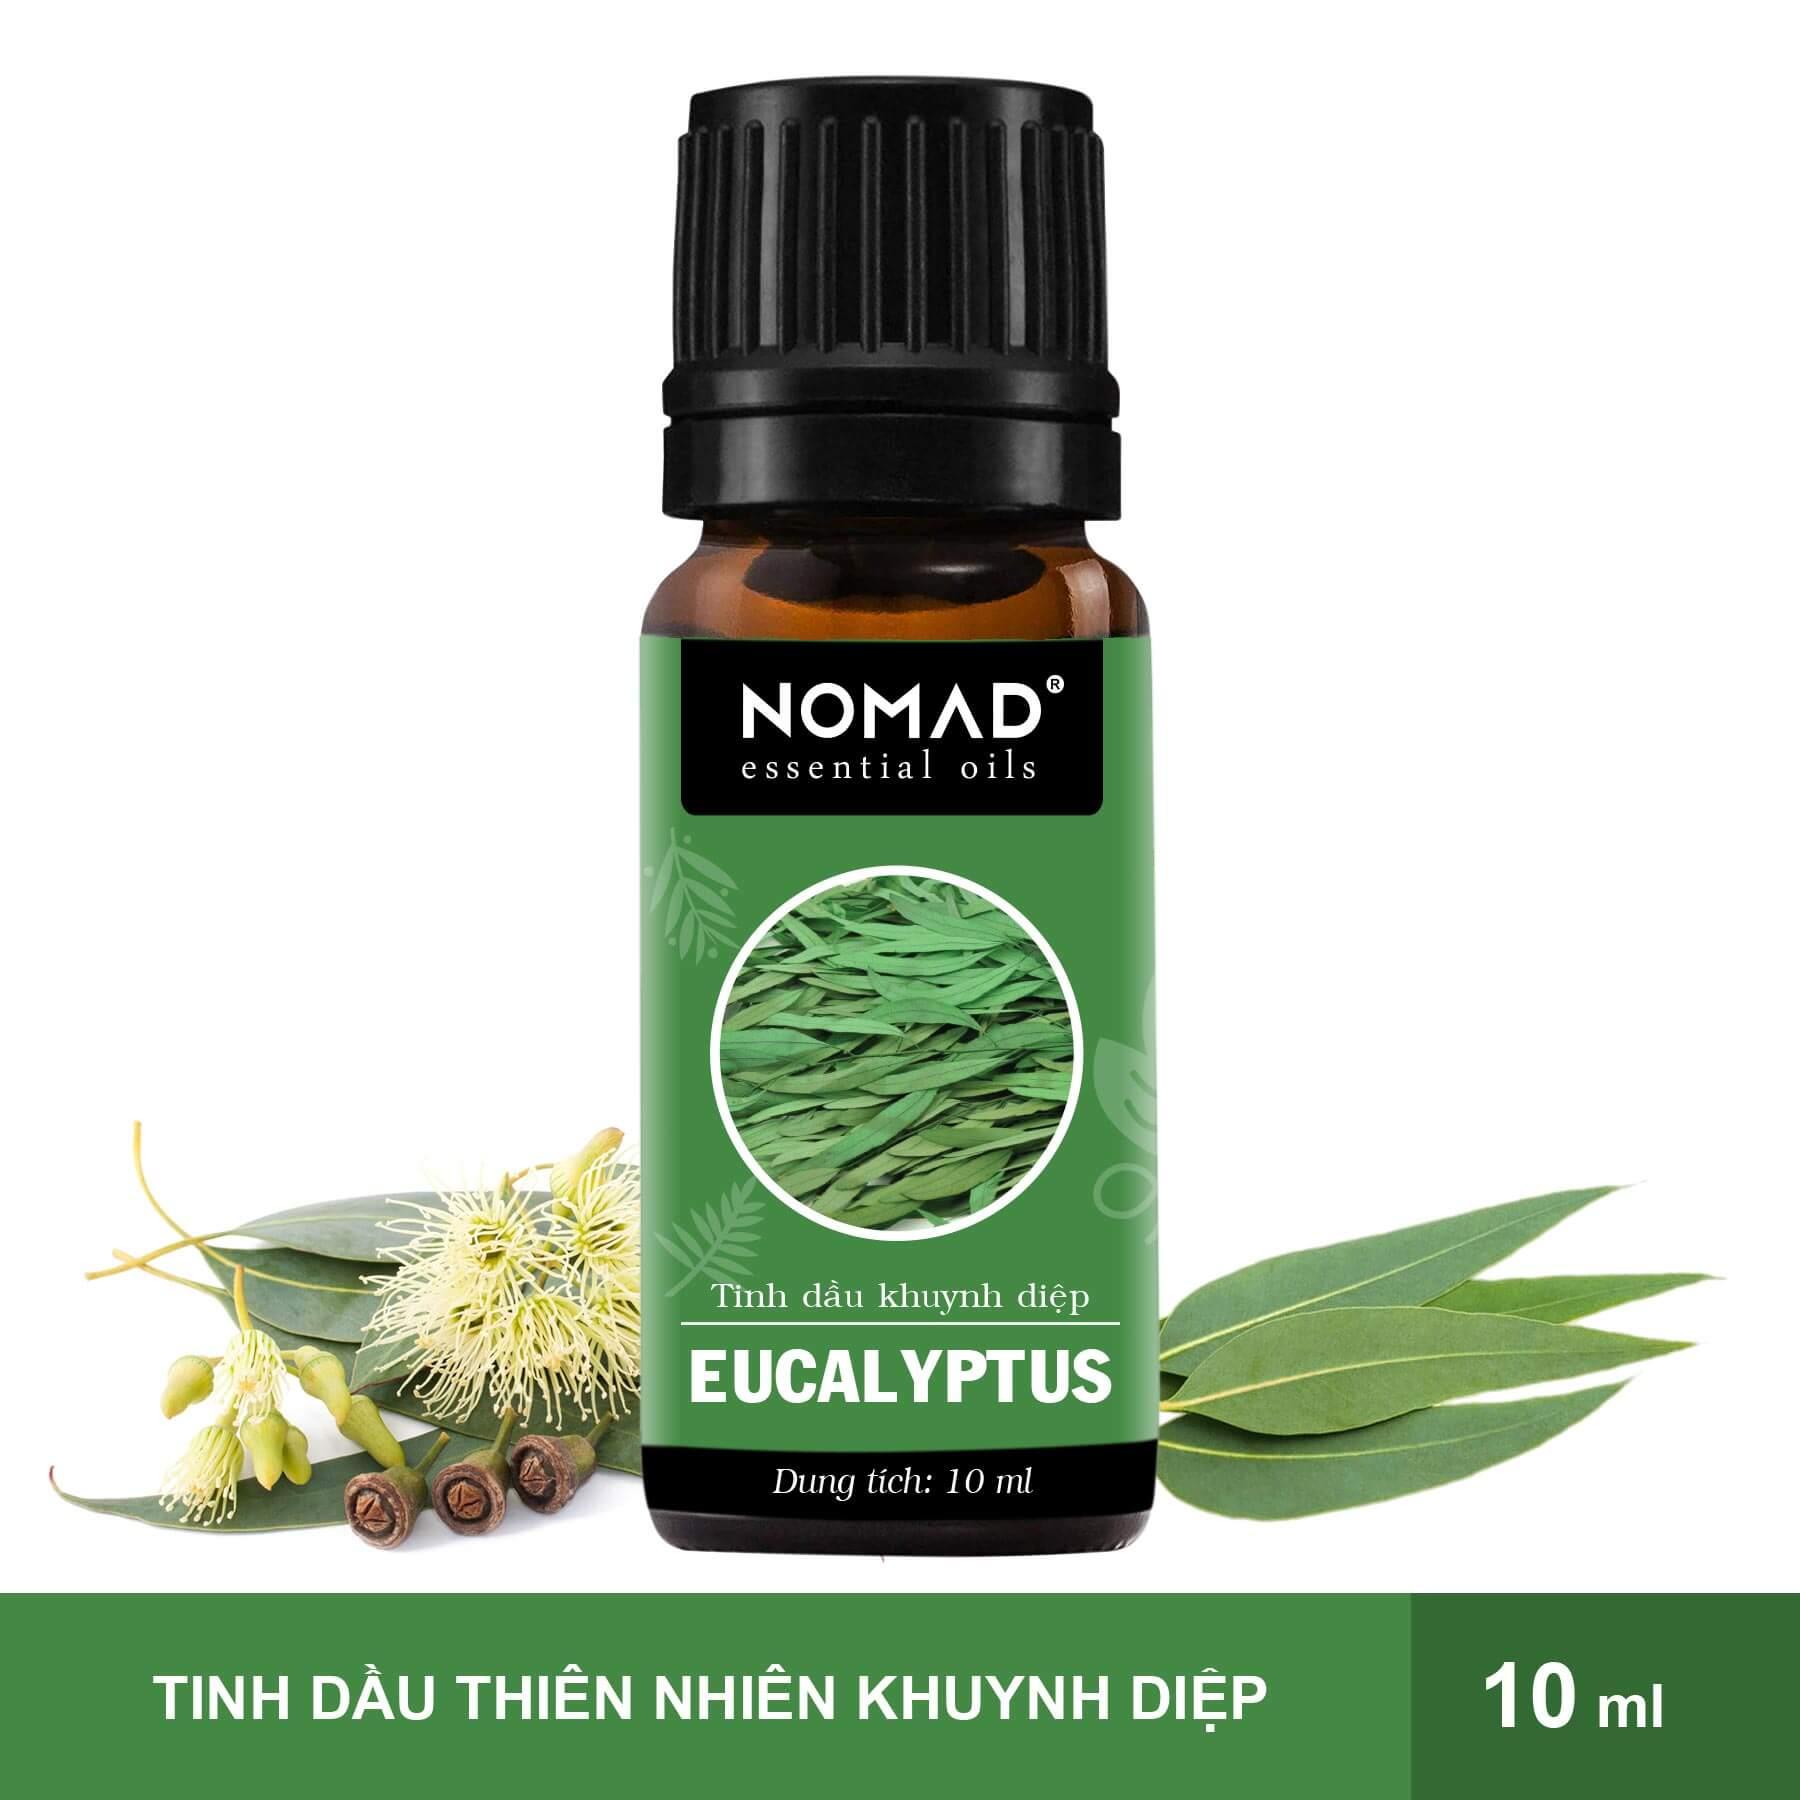 Tinh Dầu Thiên Nhiên Khuynh Diệp Nomad Essential Oils Eucalyptus